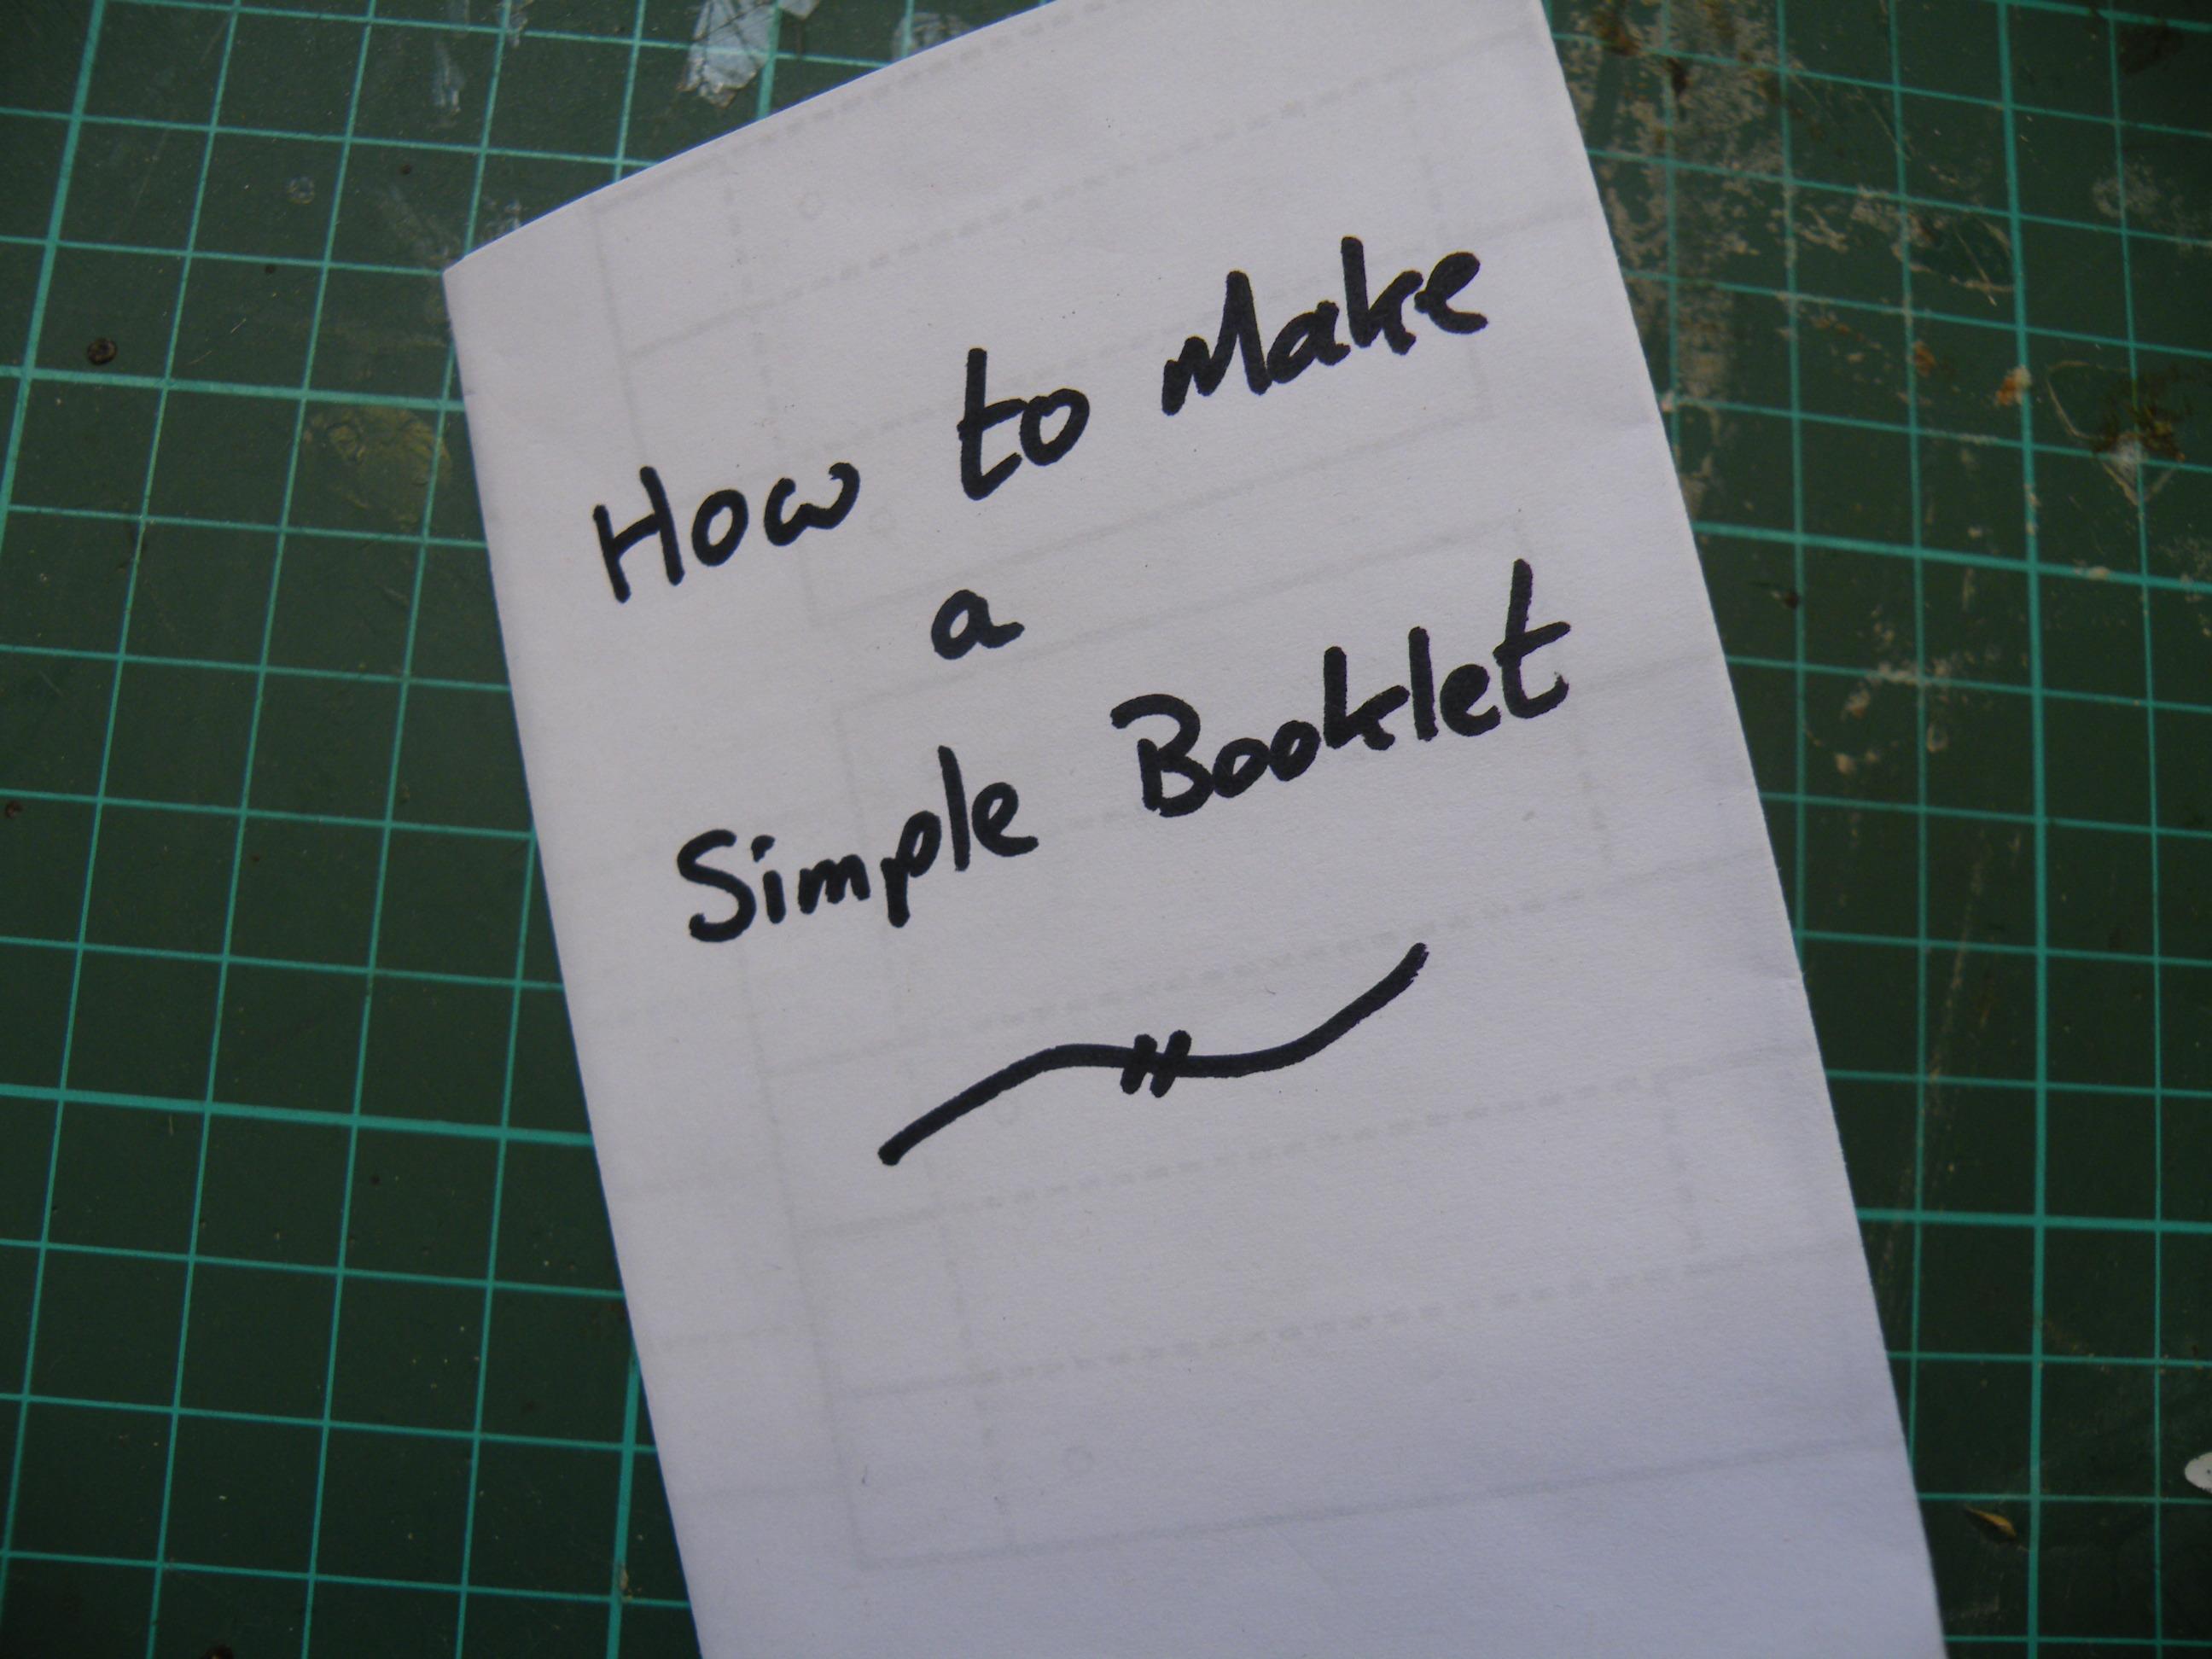 Make a pocket-sized booklet.